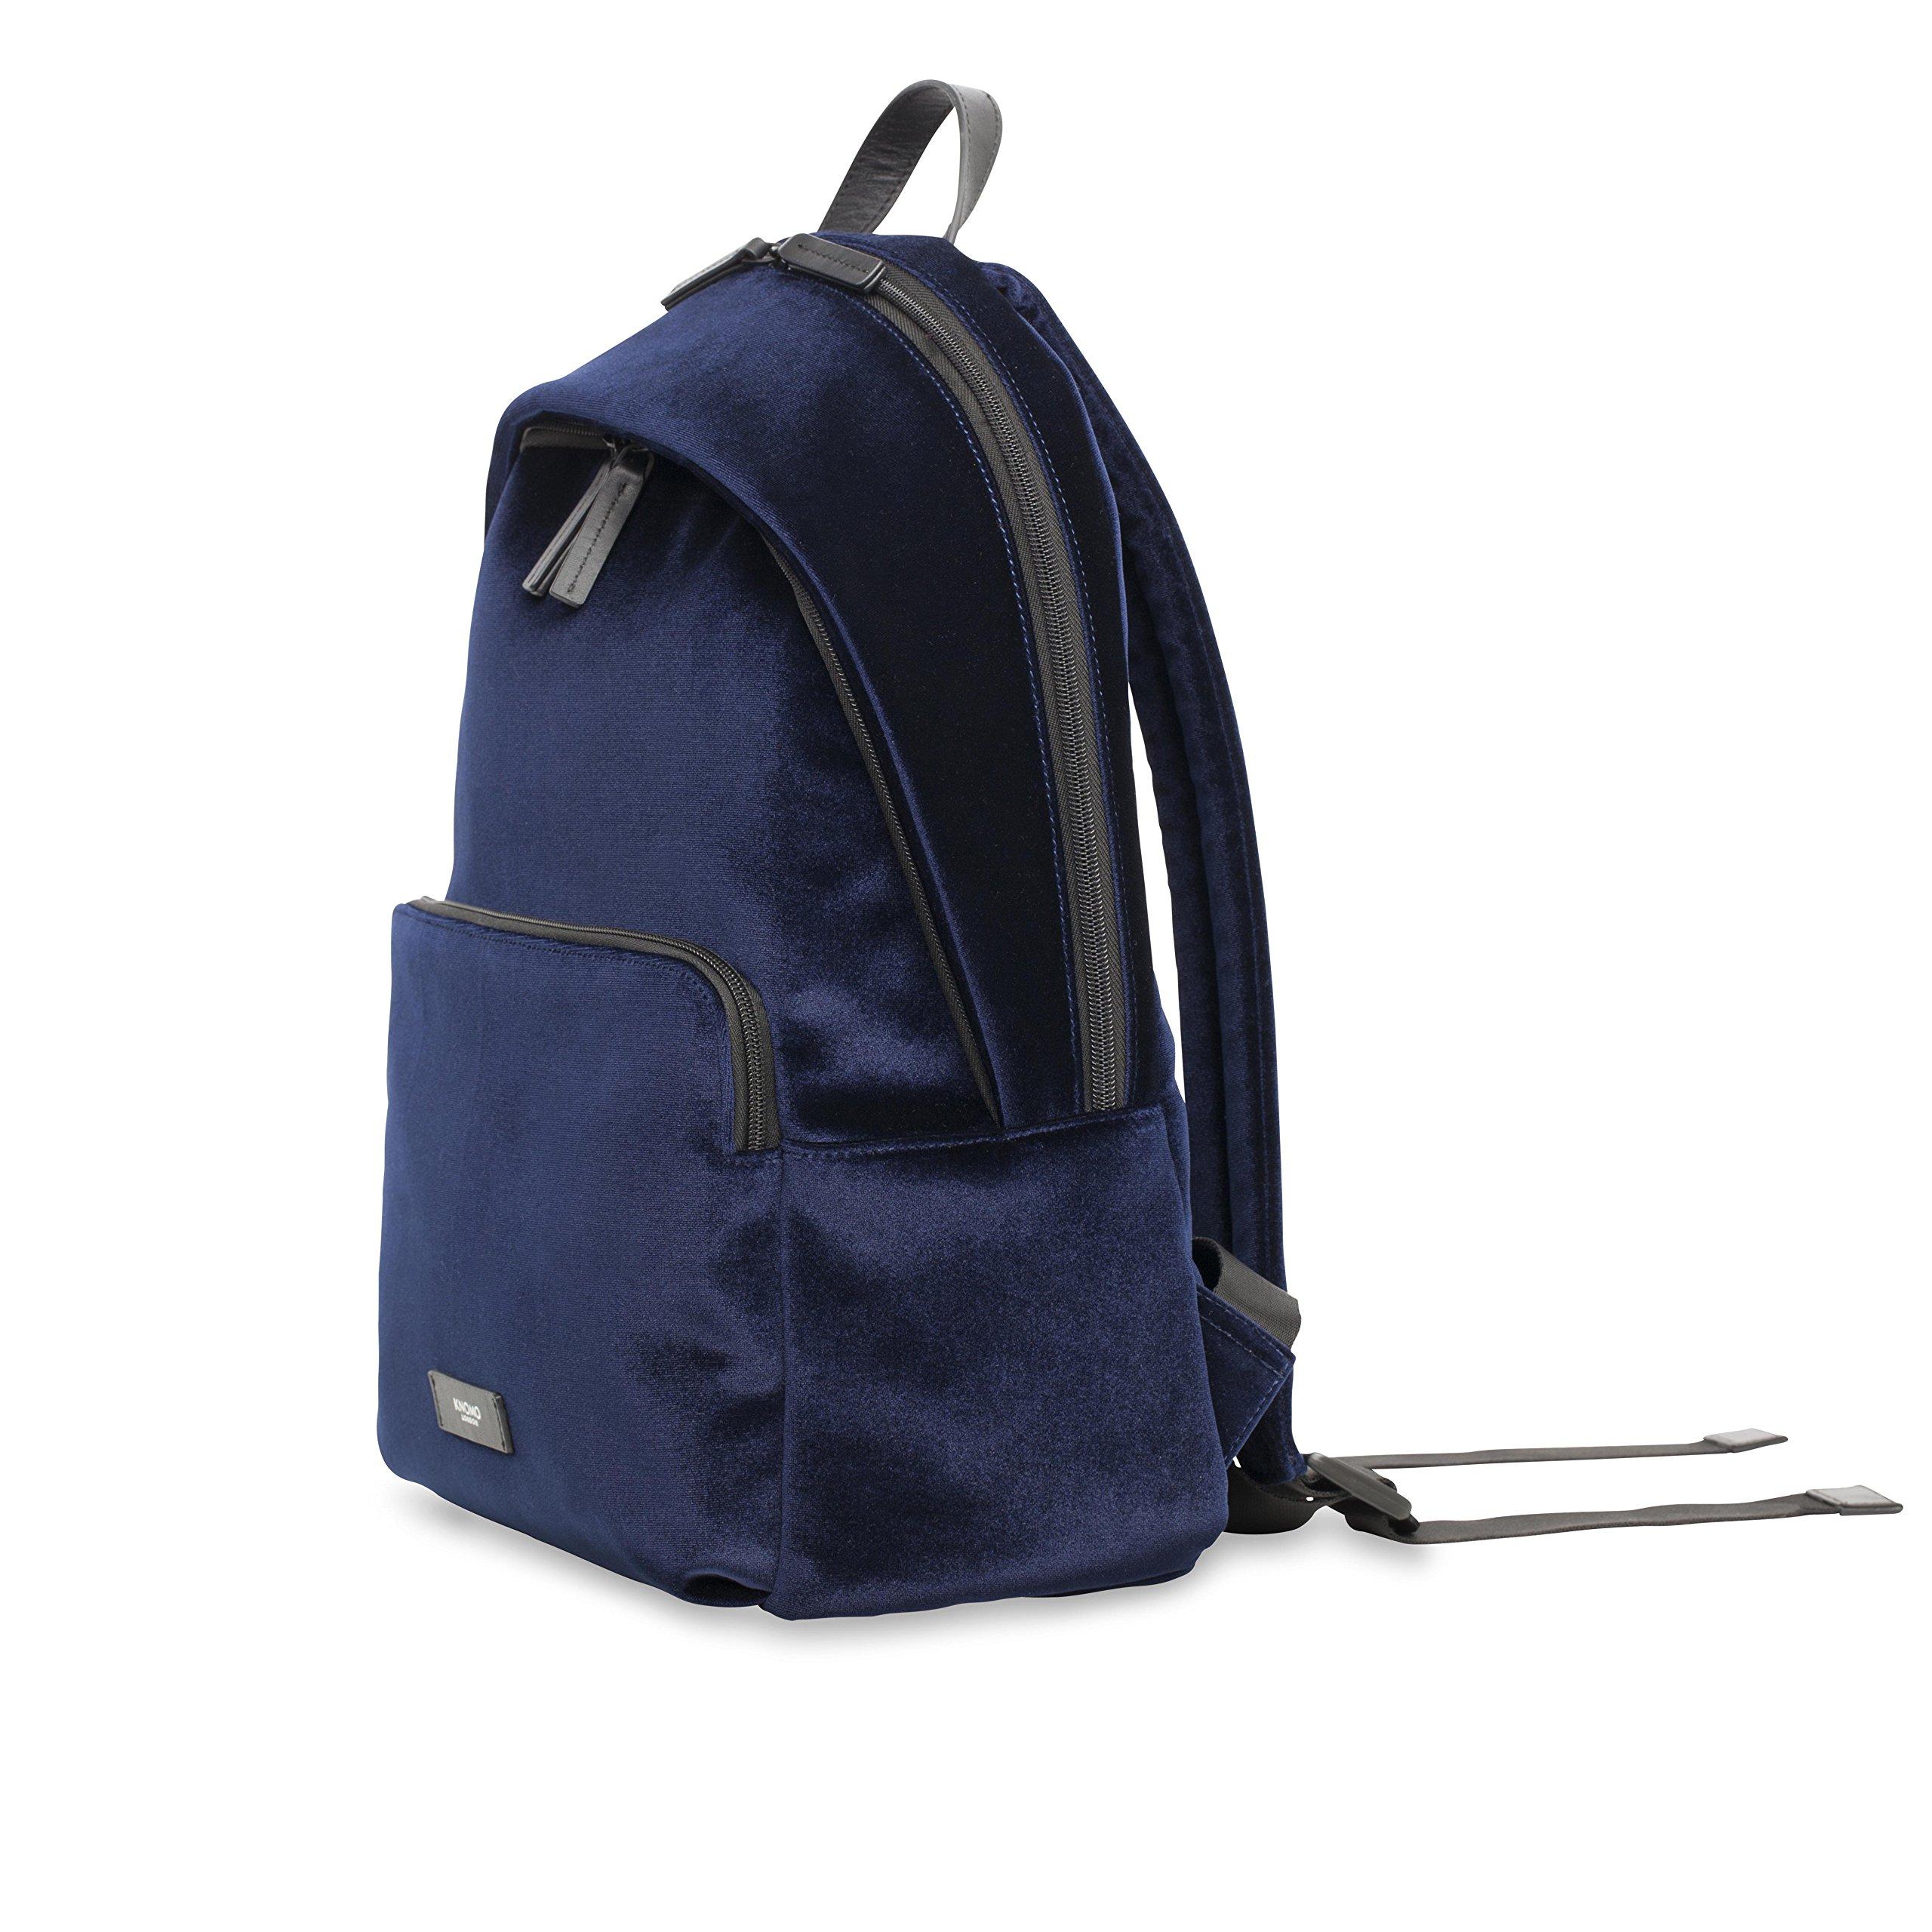 KNOMO Bathurst Velvet Backpack - Navy